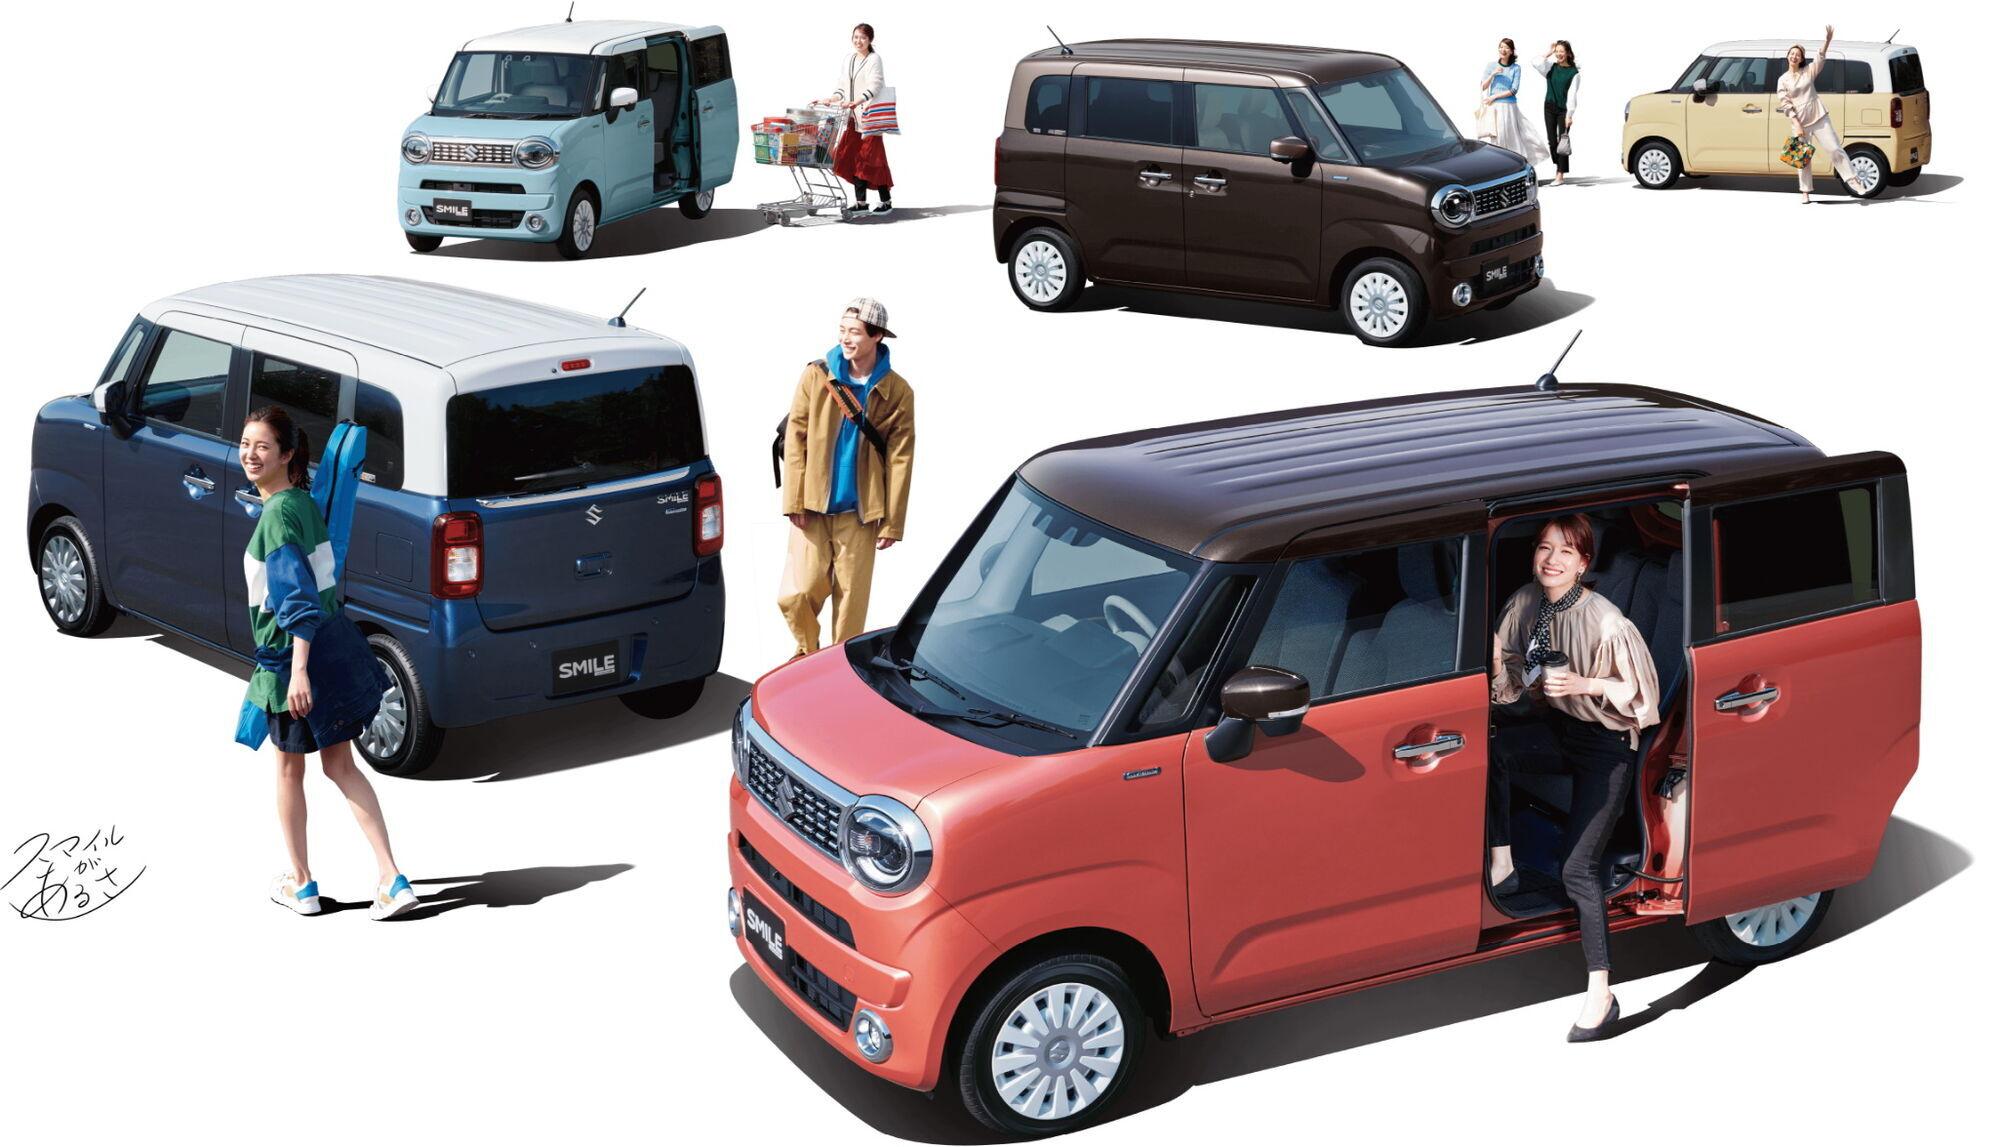 Мікровен Suzuki Wagon R Smile займе місце у модельній гаммі між Wagon R та Spacia